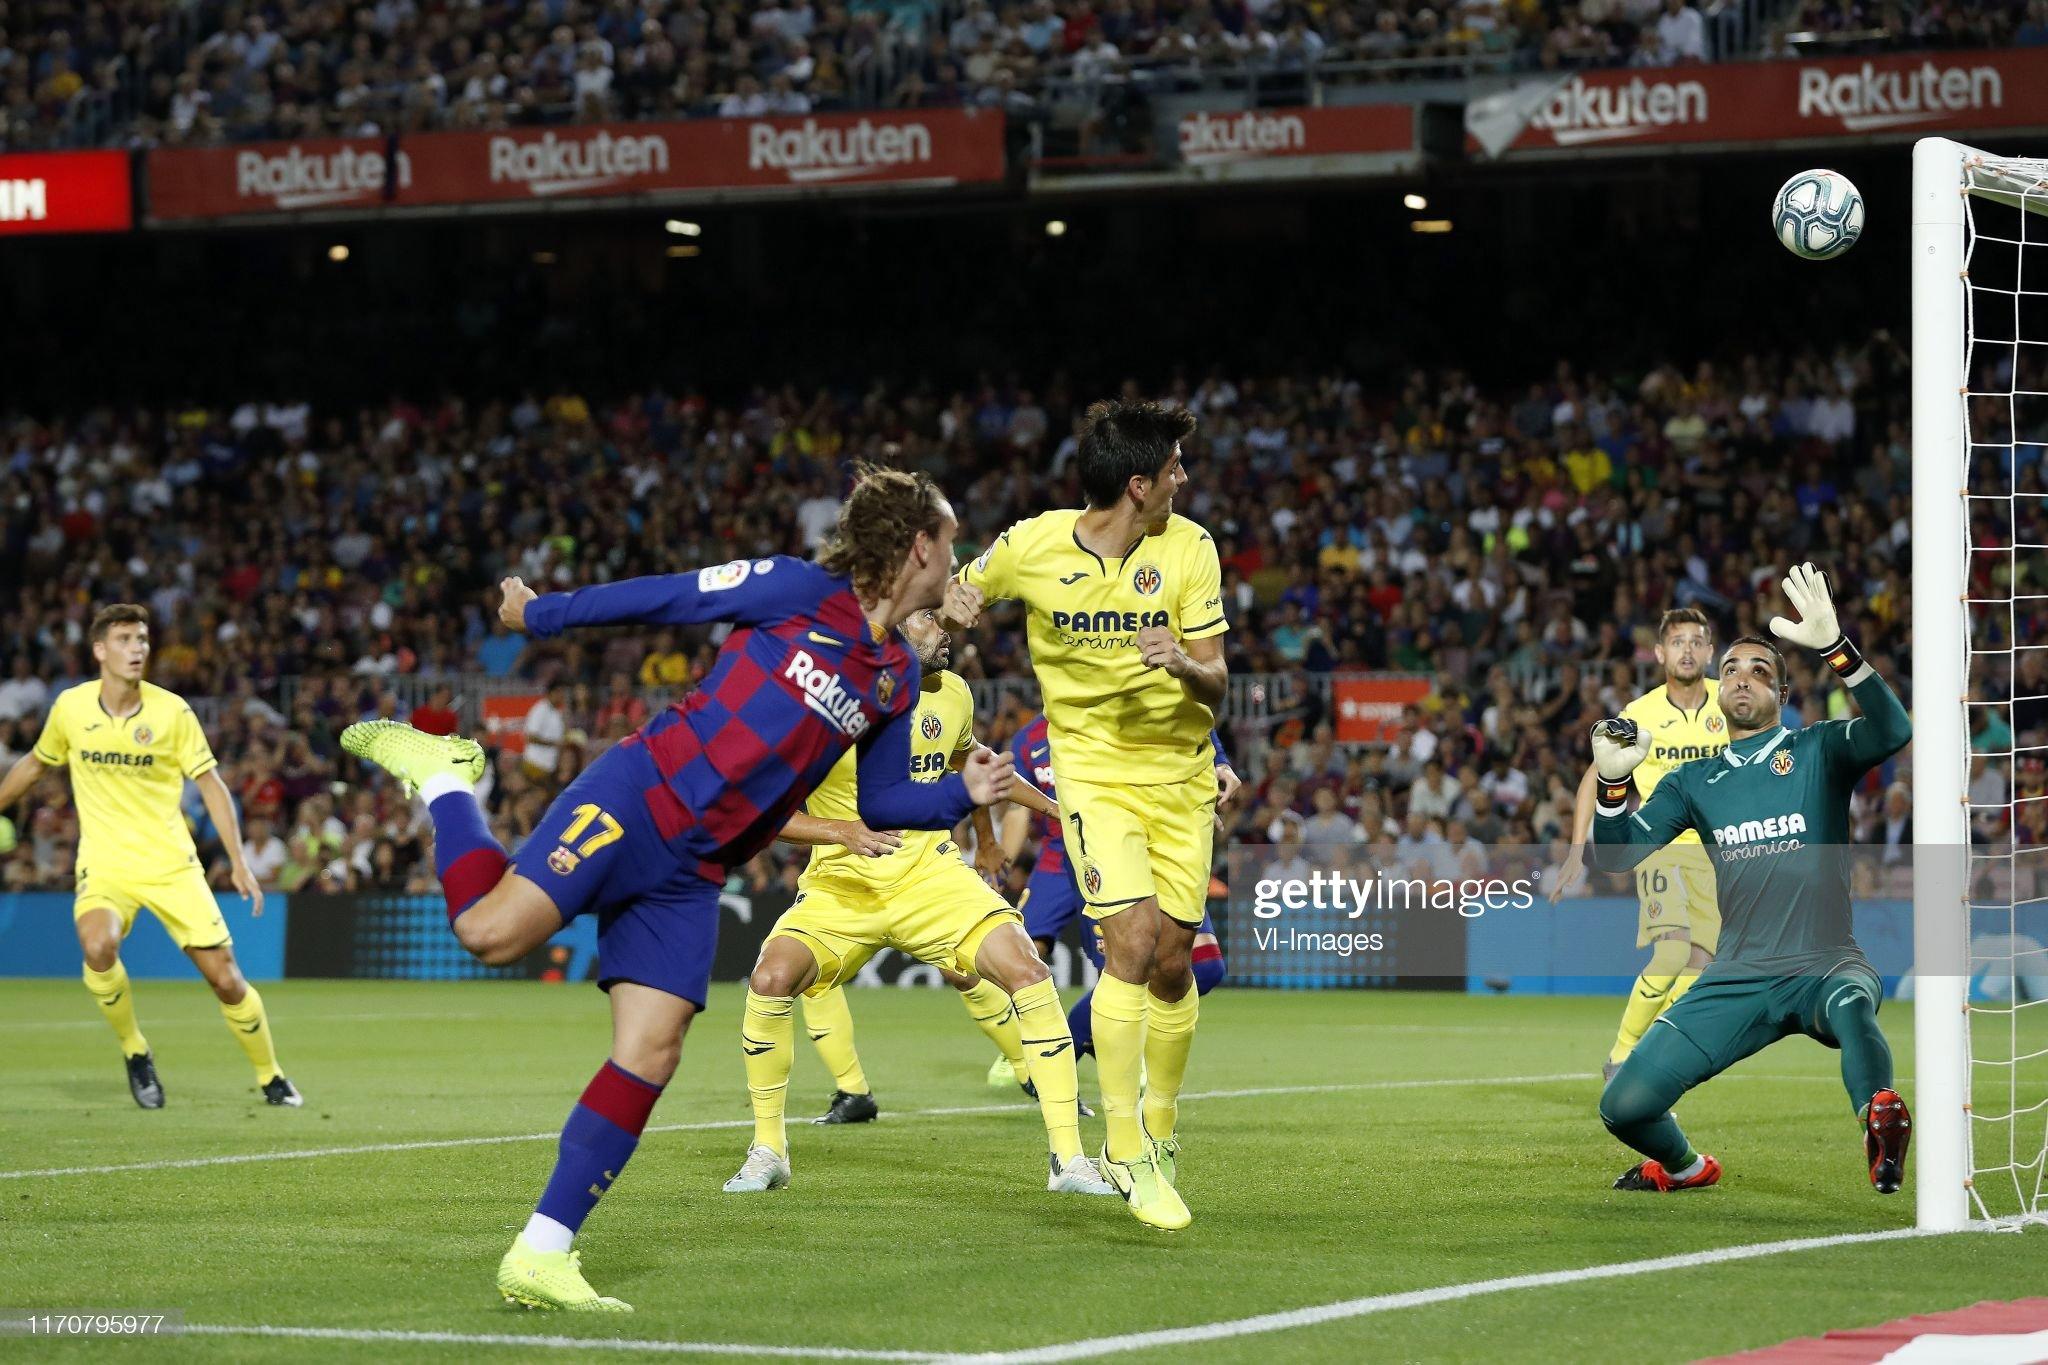 صور مباراة : برشلونة - فياريال 2-1 ( 24-09-2019 )  Philippe-coutinho-of-fc-barcelona-gerard-moreno-of-villarreal-cf-xavi-picture-id1170795977?s=2048x2048